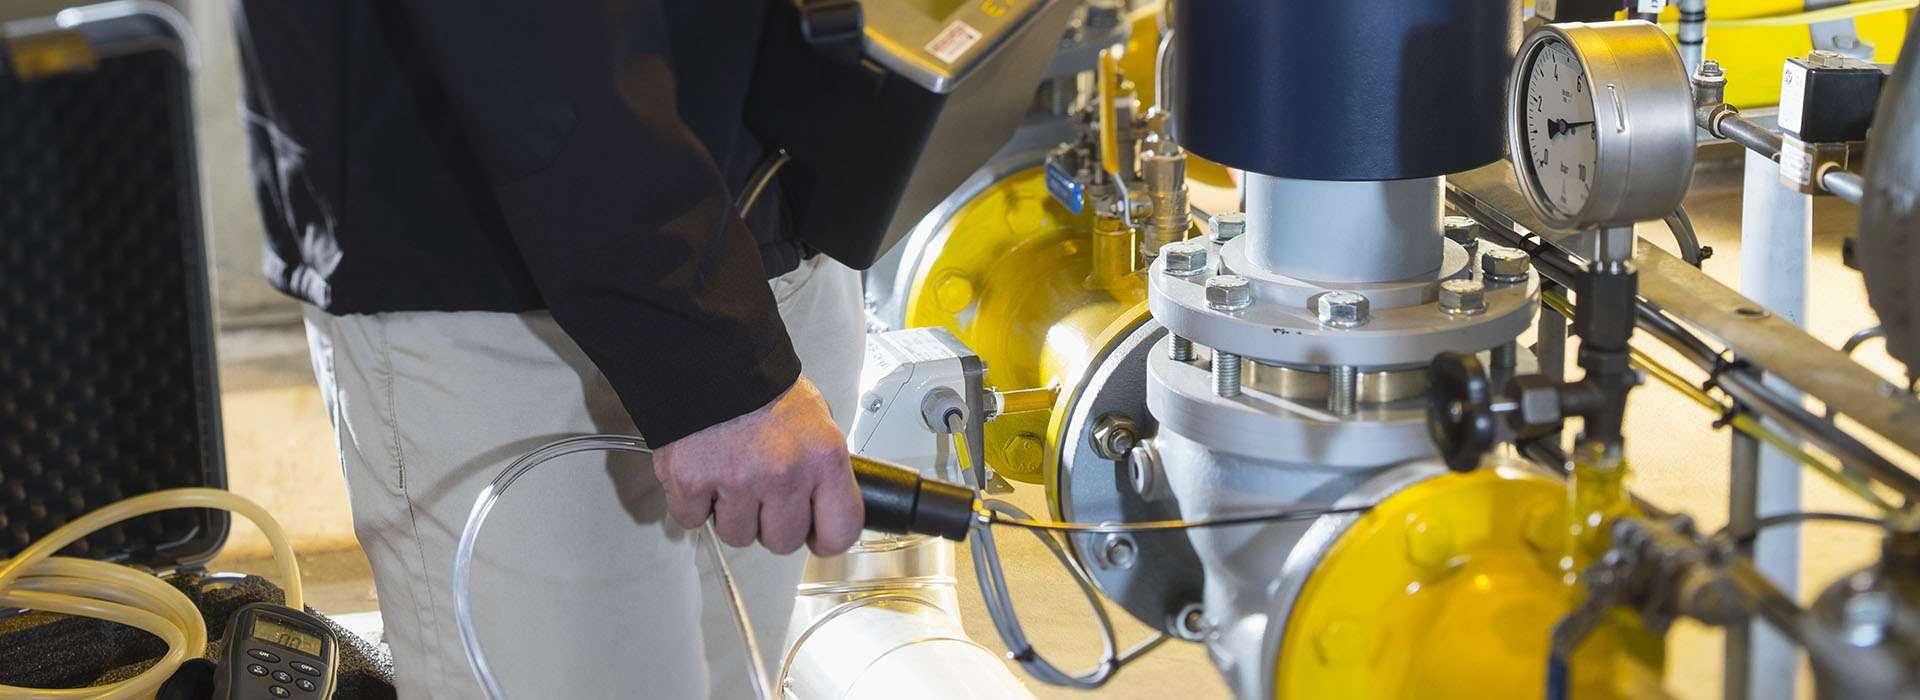 Opleiding pi/ebi brandstofleidingen (gas)